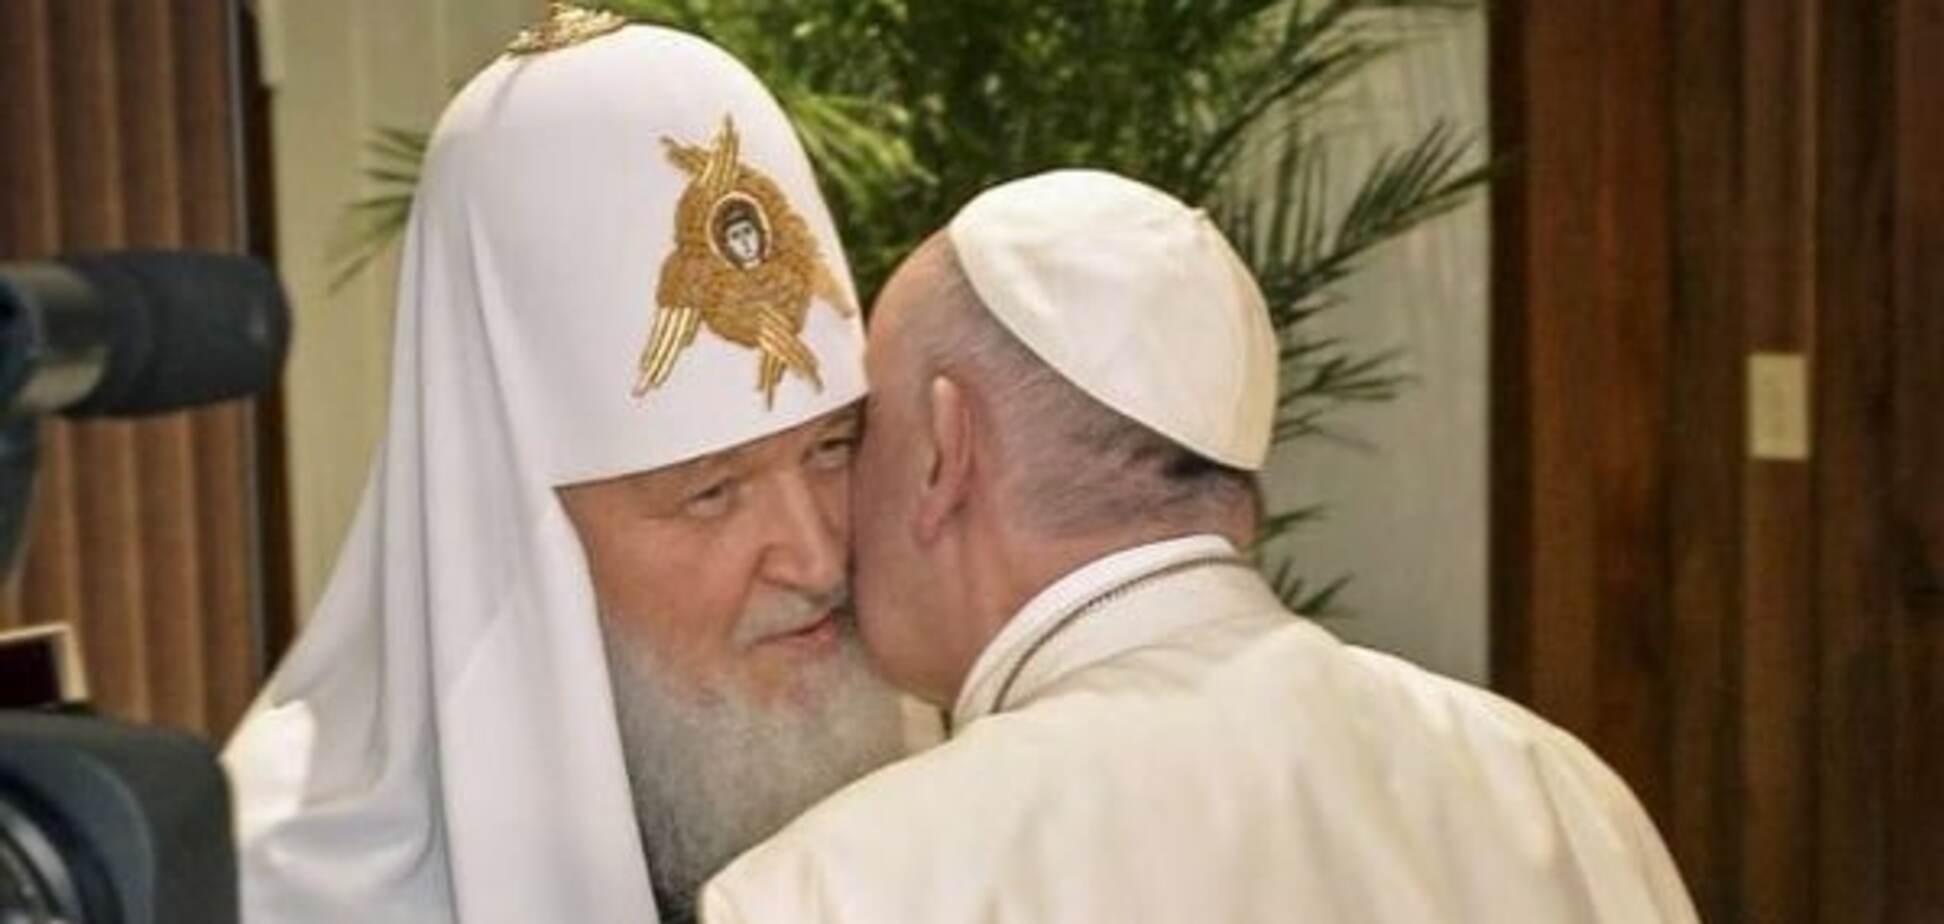 Поцілунки на щоці Папи Франциска залишав Путін - Bild